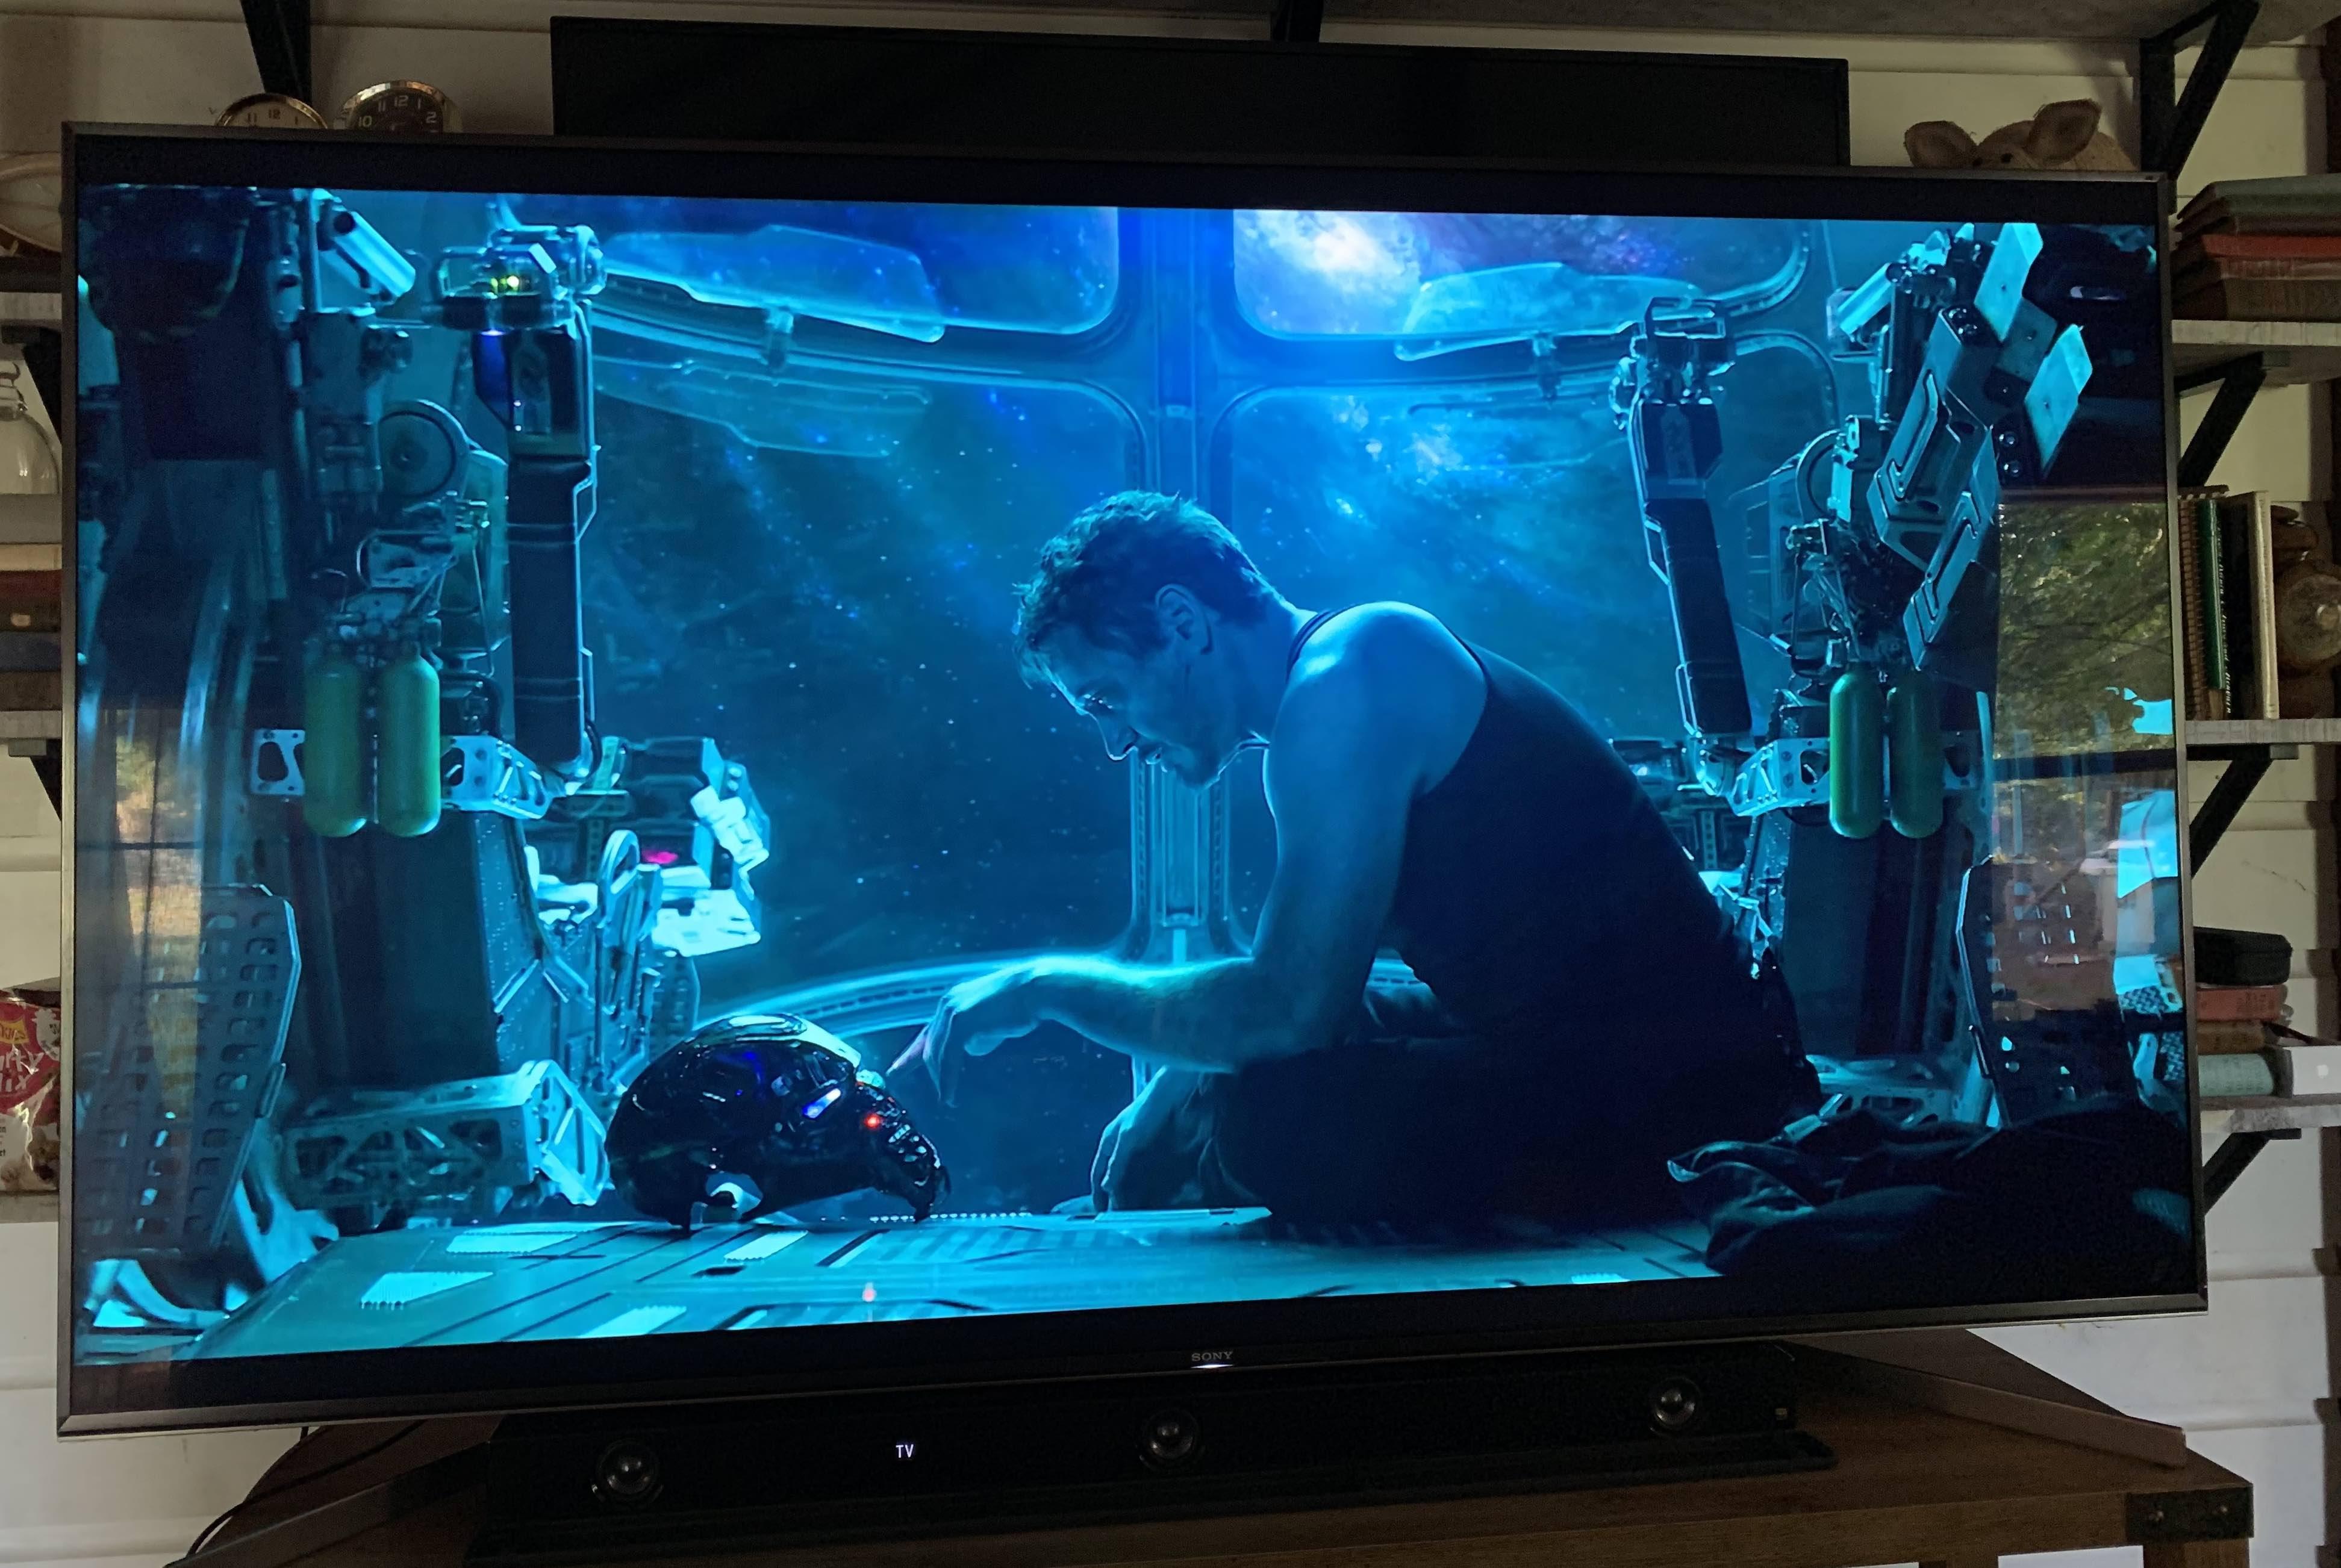 The 75 inch Sony X950G 4K HDR LED TV and Sony HTZ9F soundbar copy